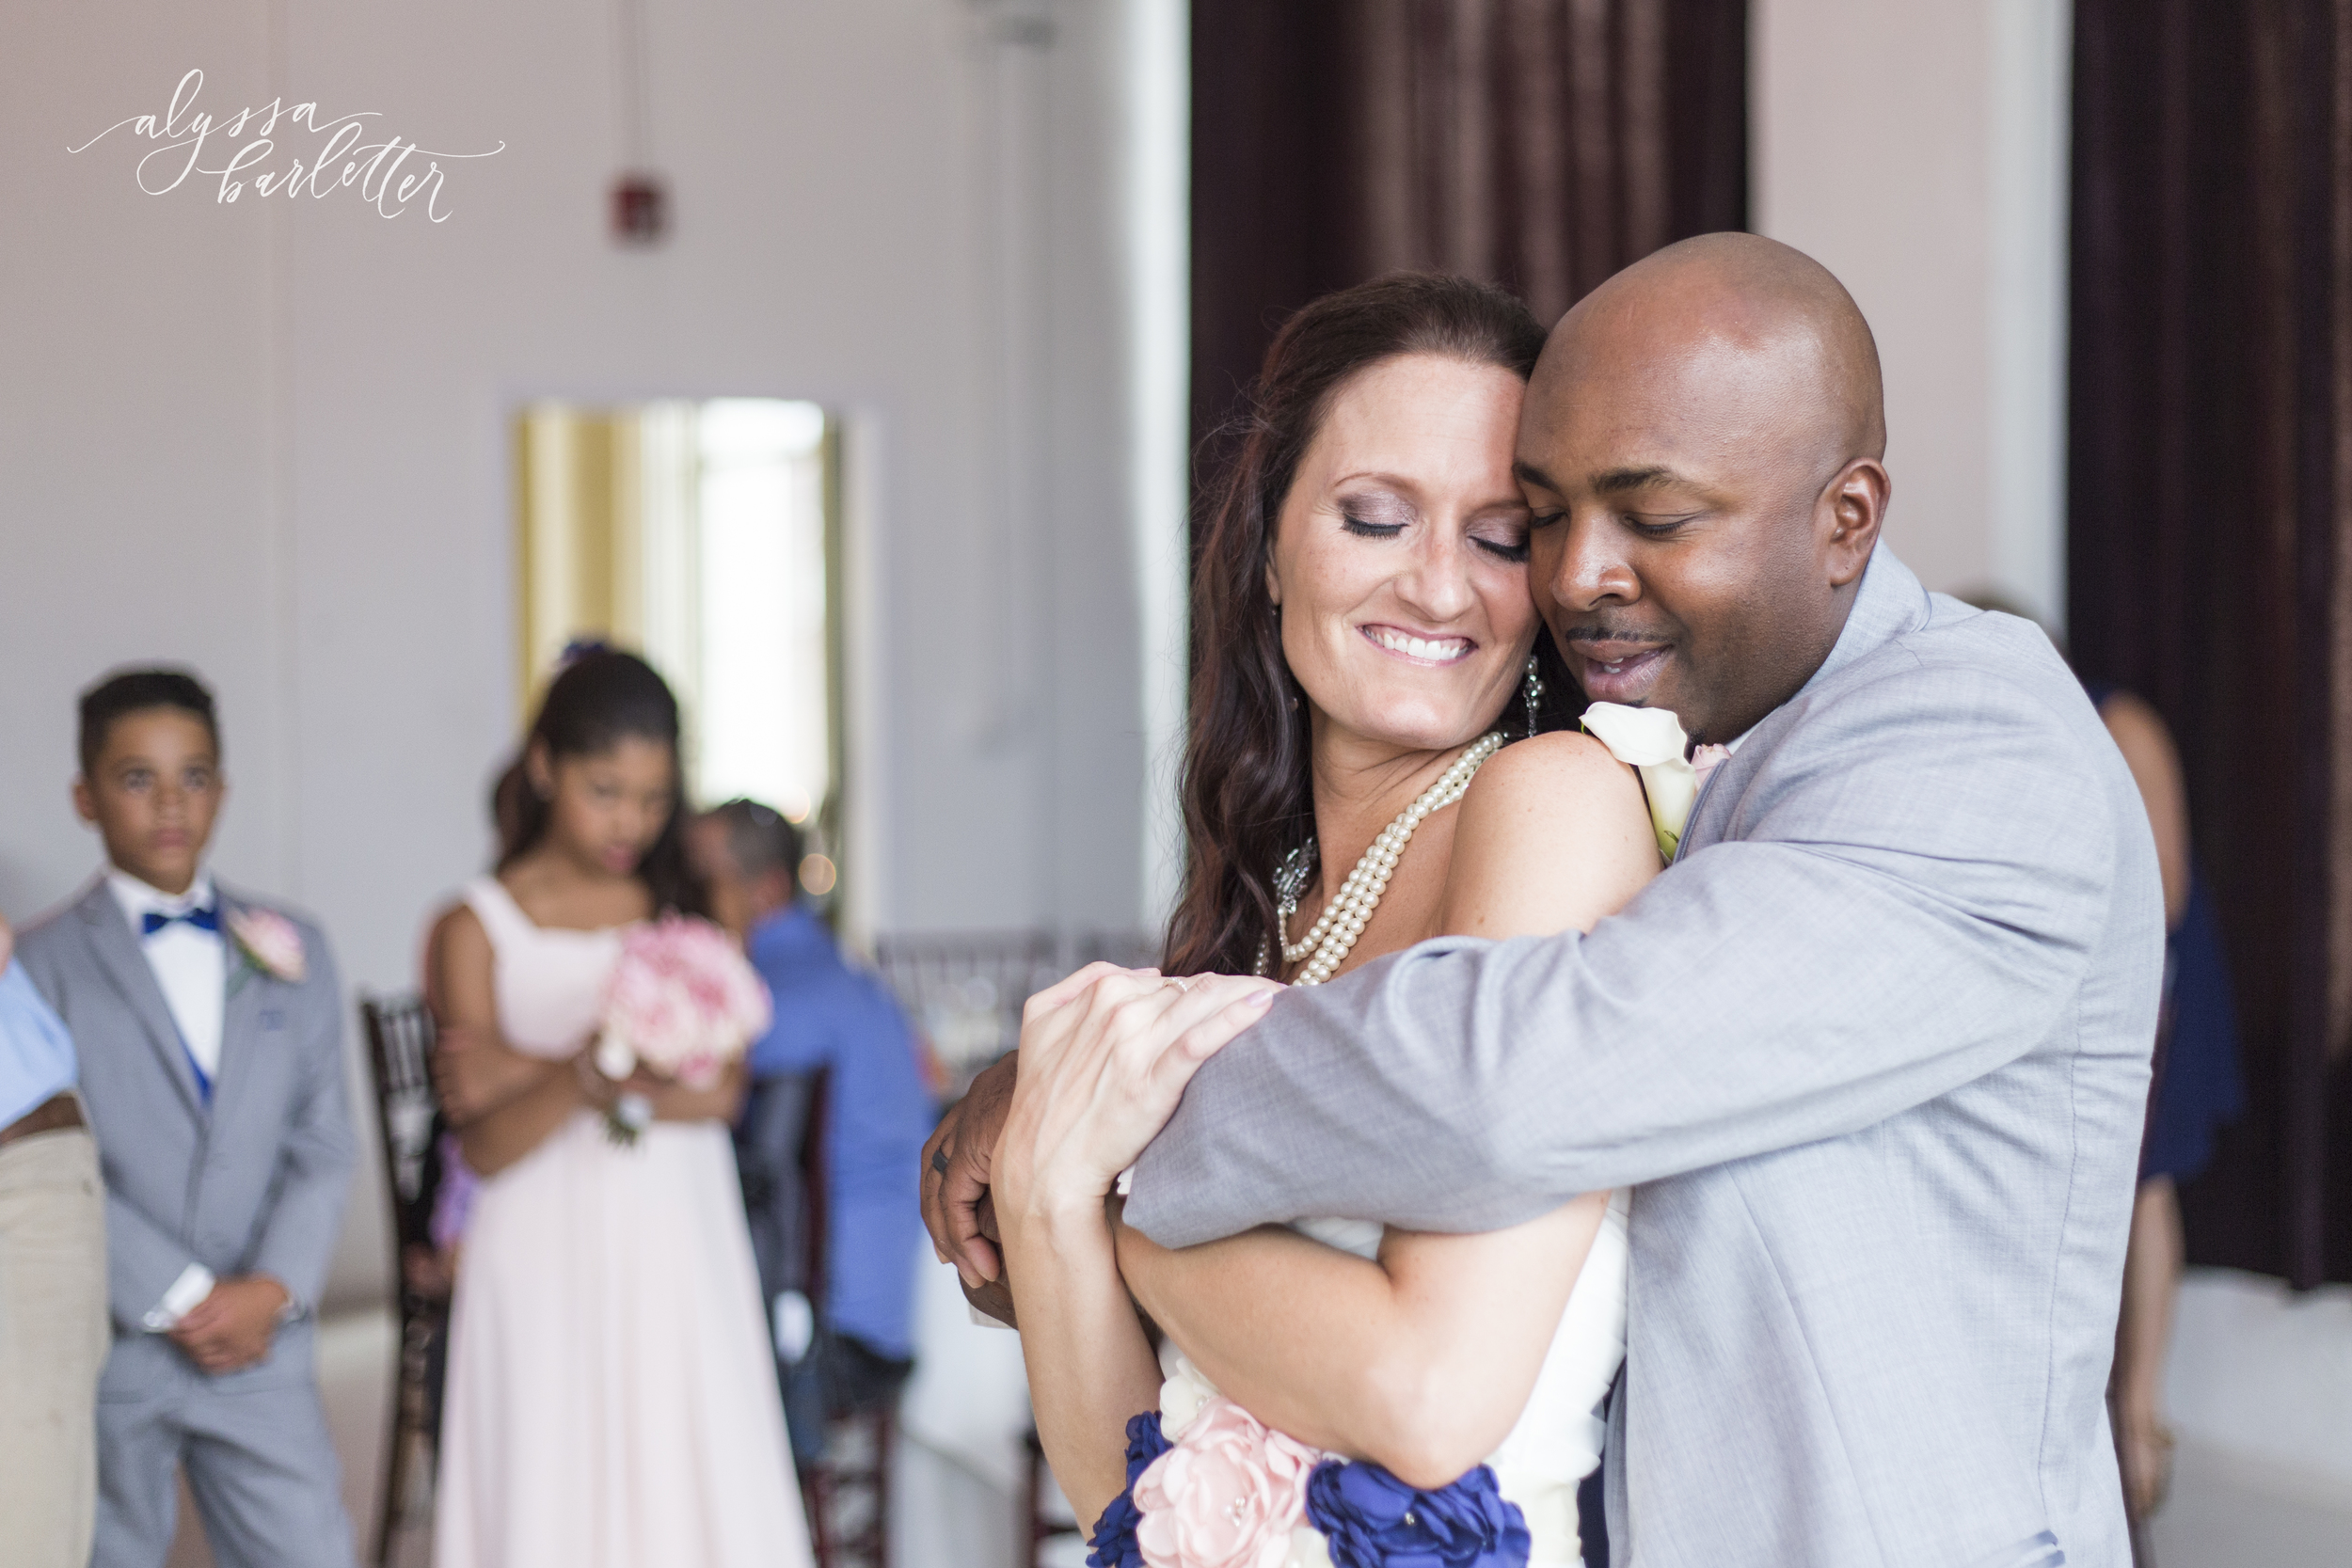 wedding first dance the firestone building kansas city